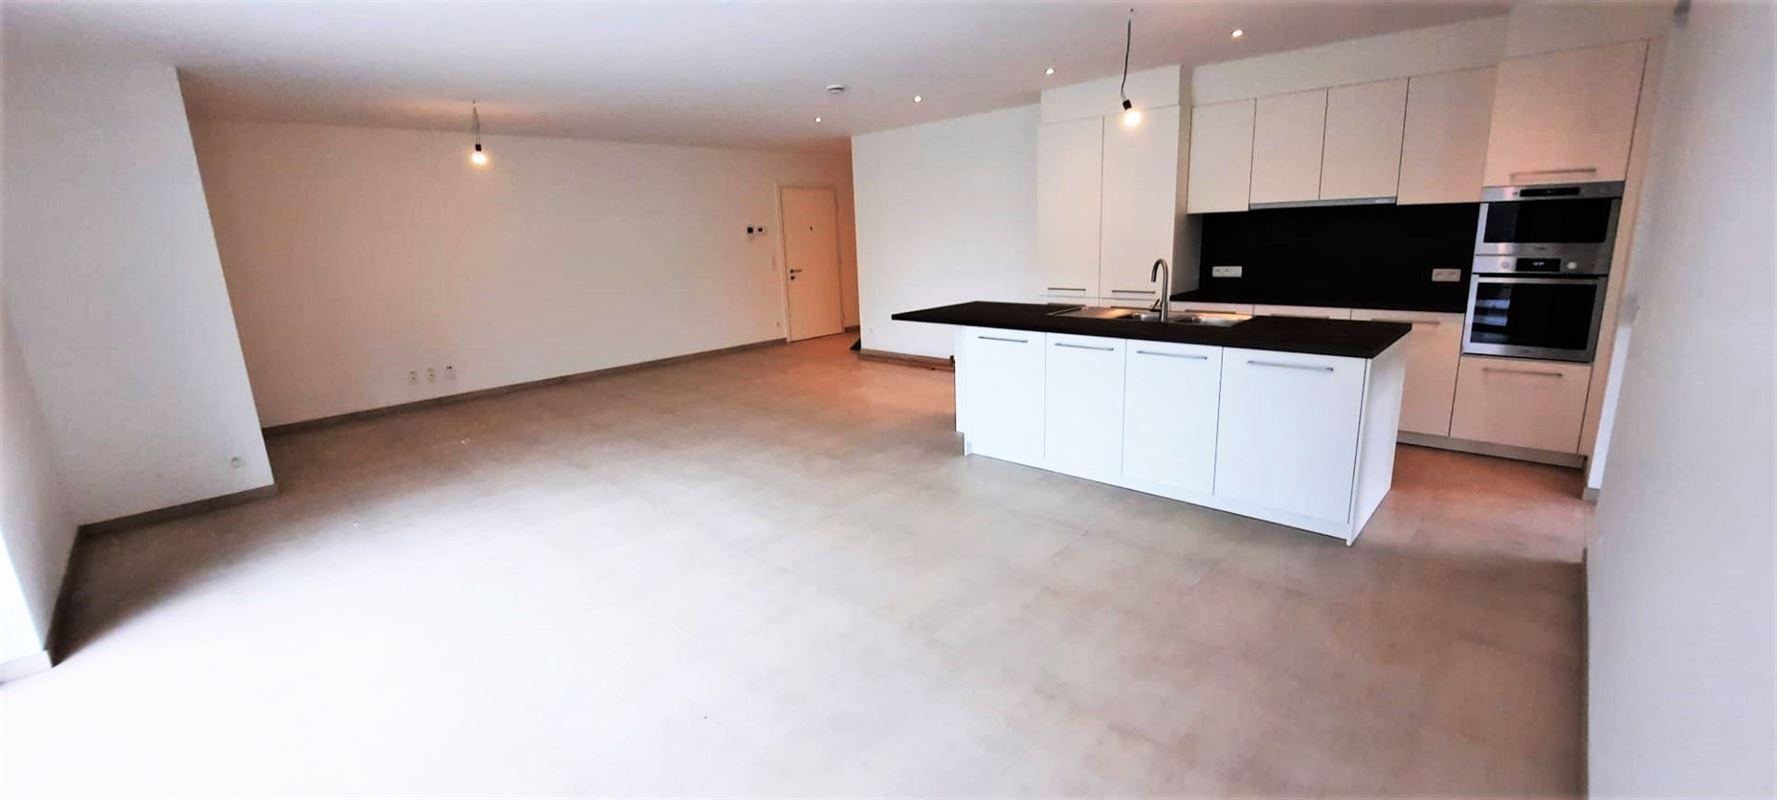 Foto 3 : Appartement te 2820 BONHEIDEN (België) - Prijs In optie